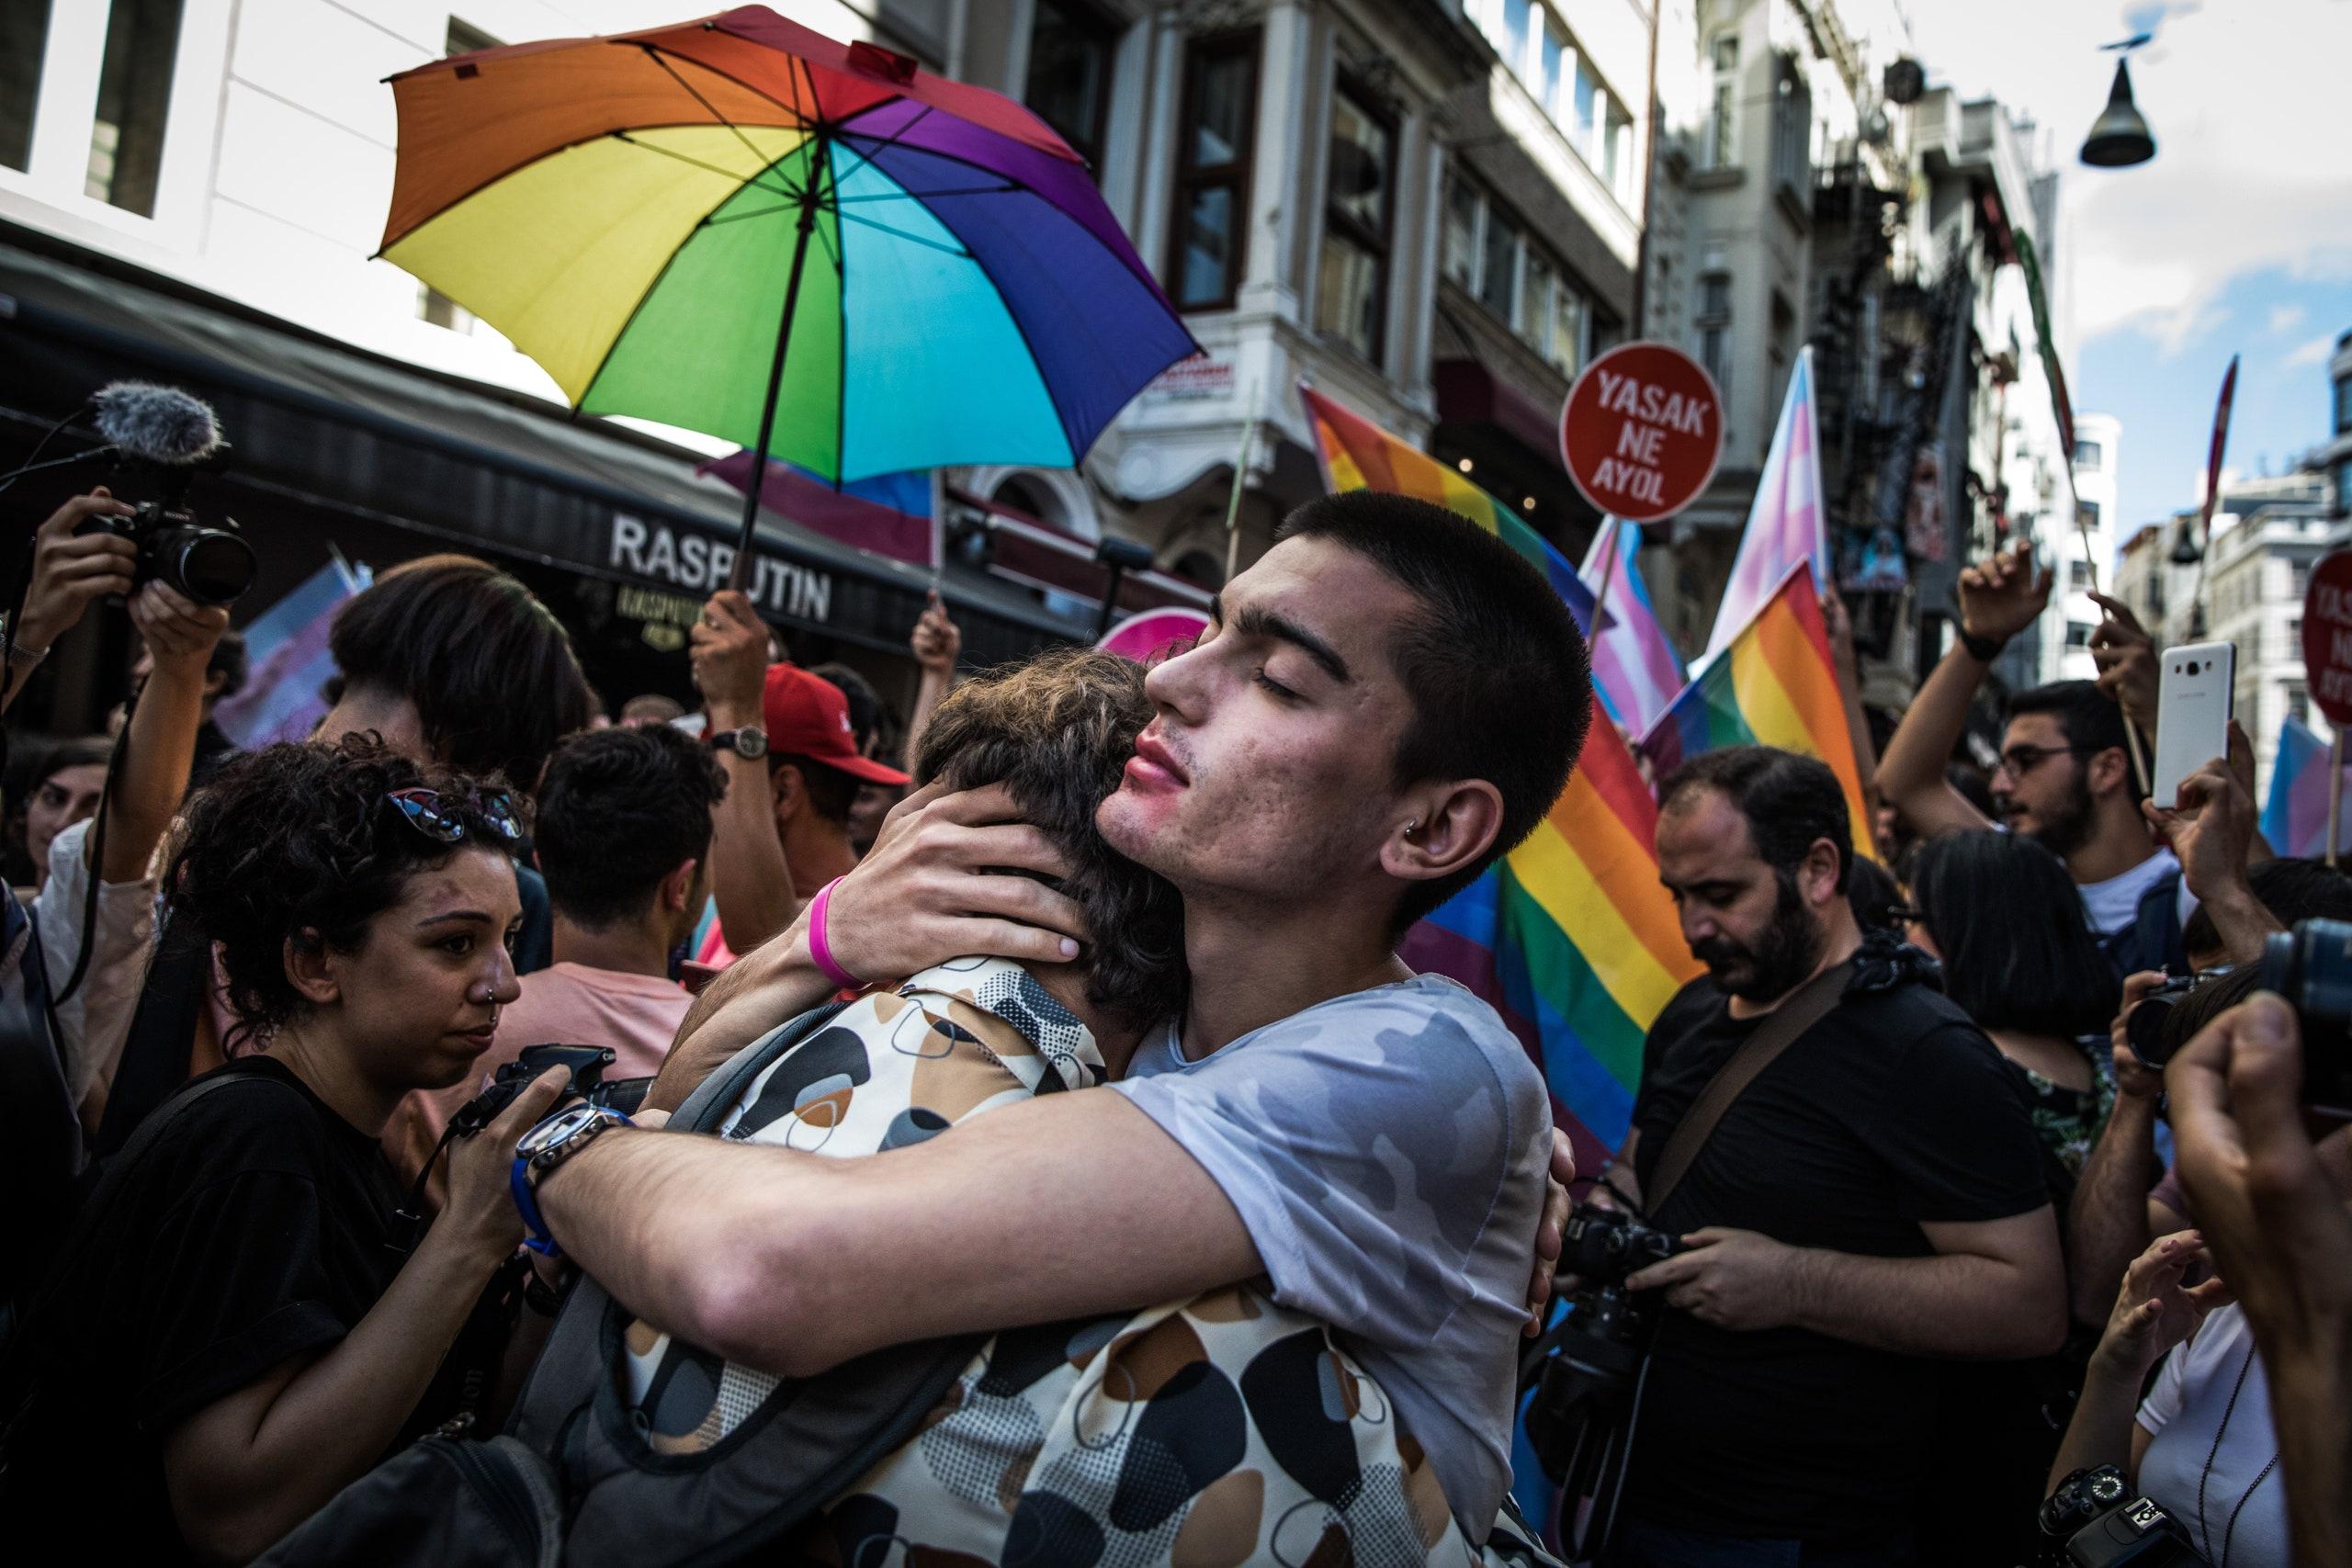 Turquía: 18 estudiantes serán juzgados por organizar y participar en una marcha del Orgullo Gay